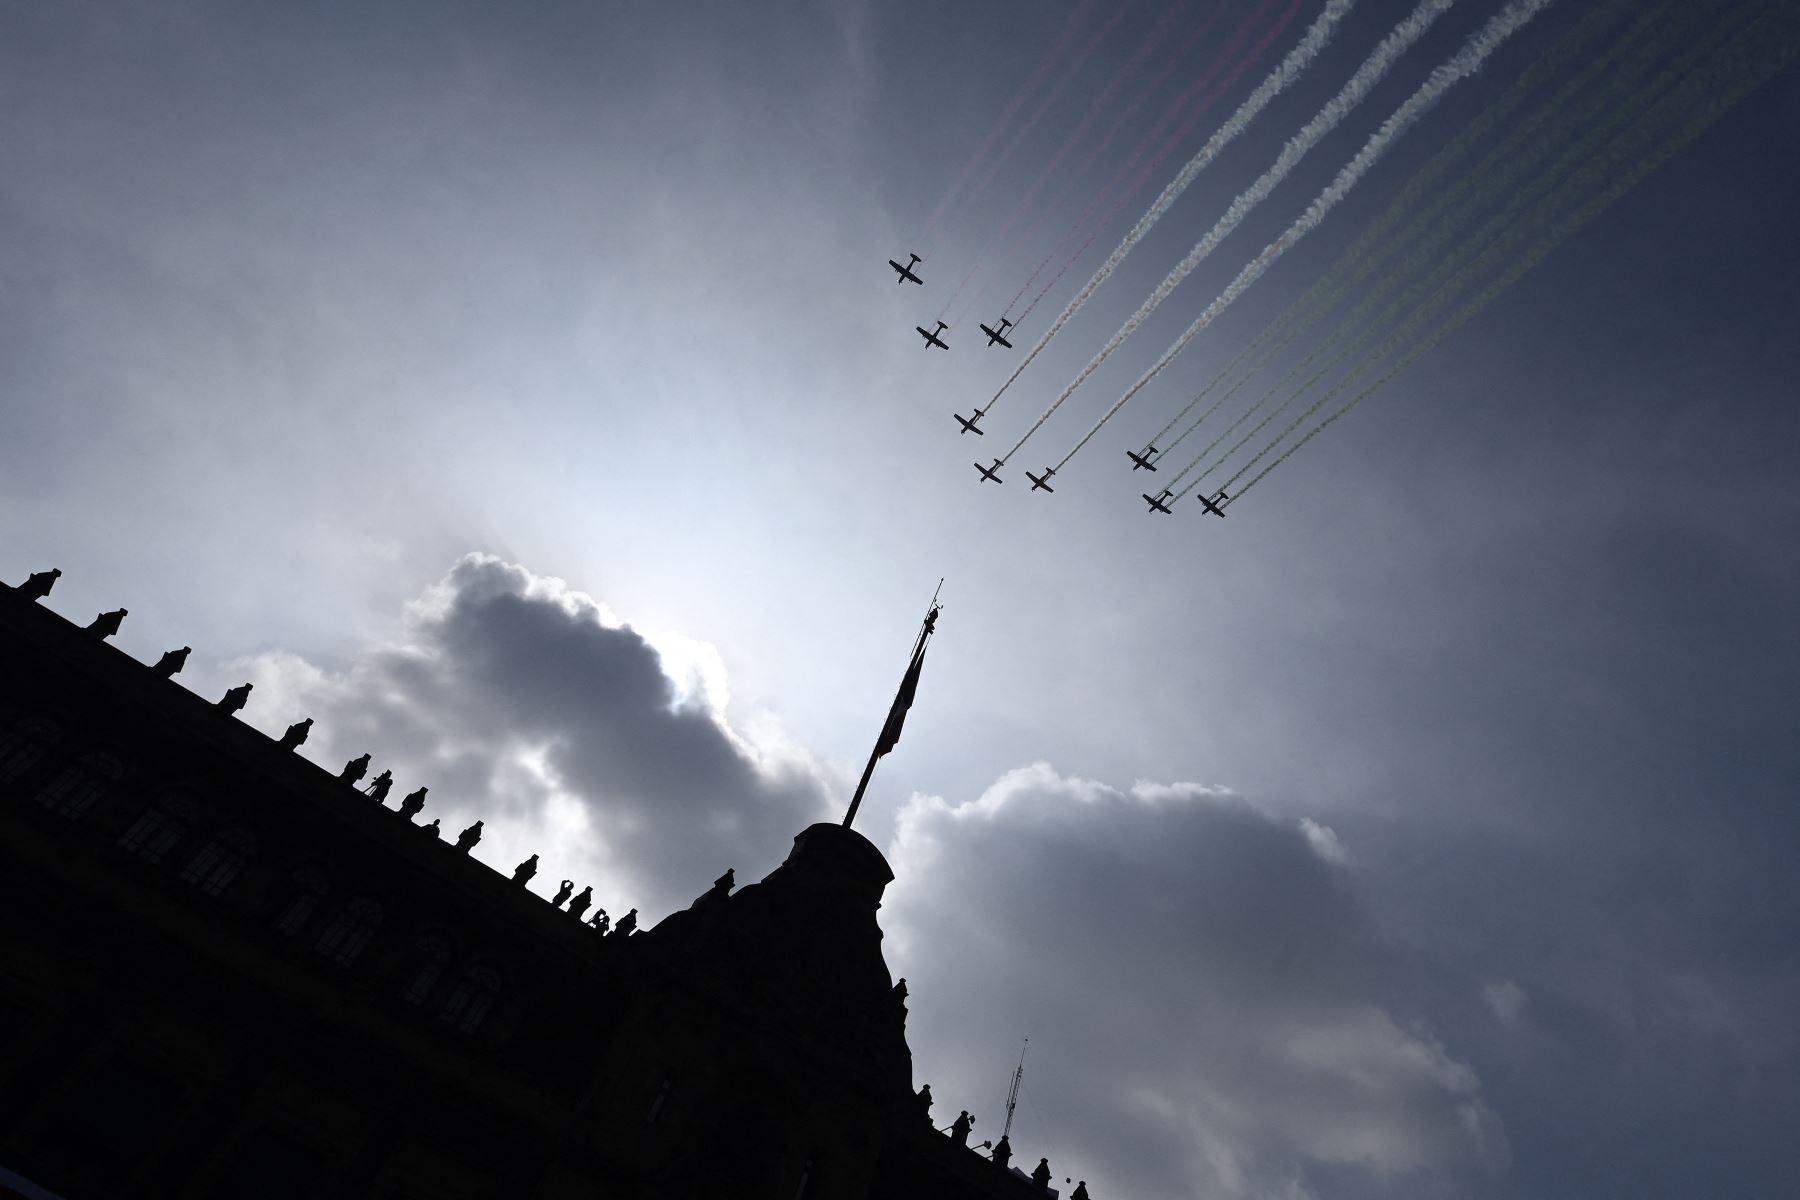 Aviones de la Fuerza Aérea Mexicana actúan durante el desfile militar por el 211 aniversario del Día de la Independencia en la Plaza Zócalo de la Ciudad de México. Foto: AFP